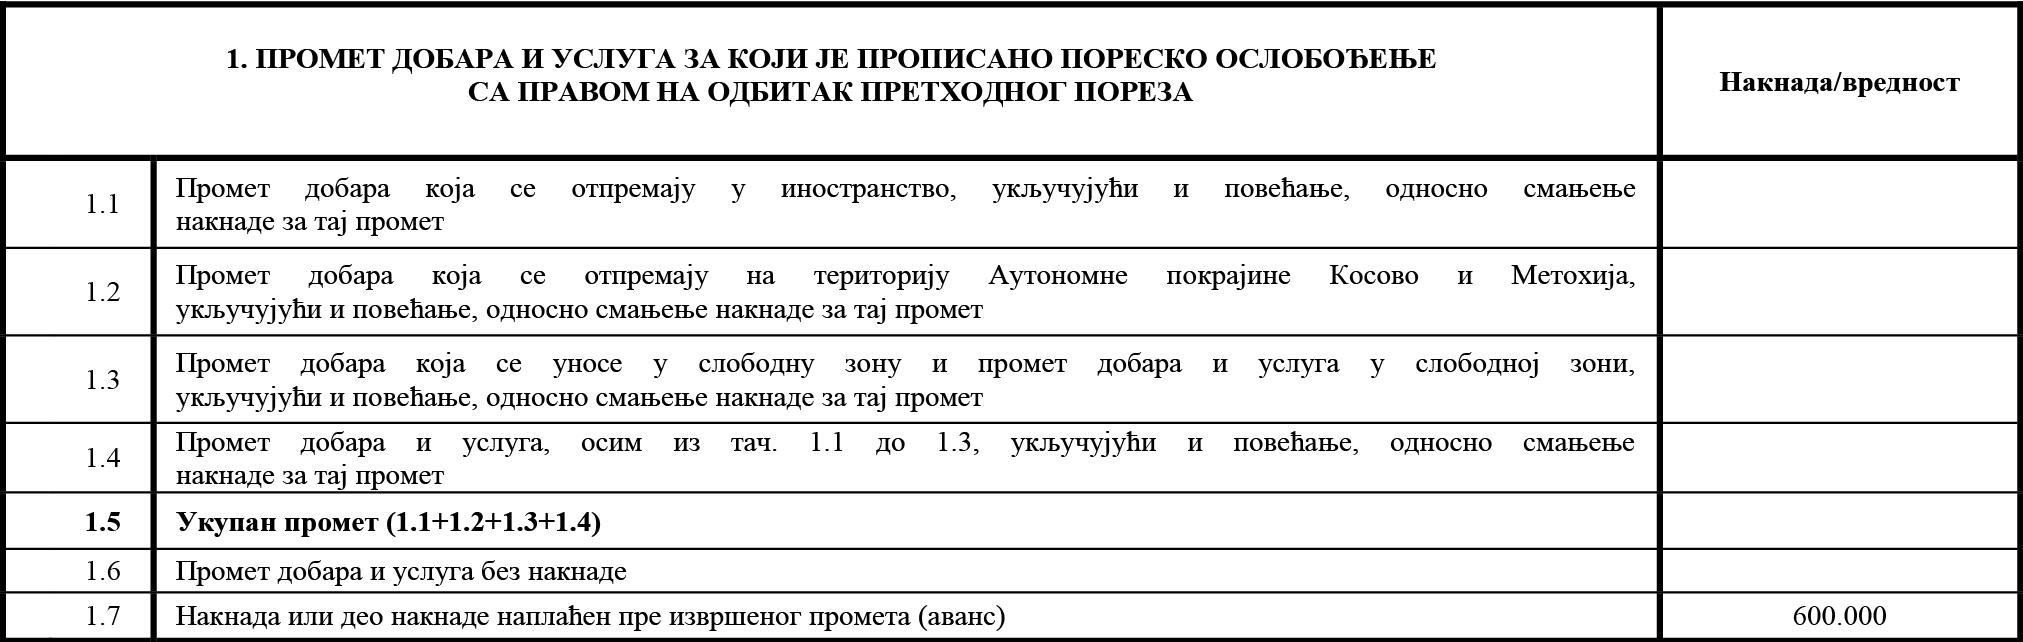 uputstvo PU obrazac POPDV primer 25